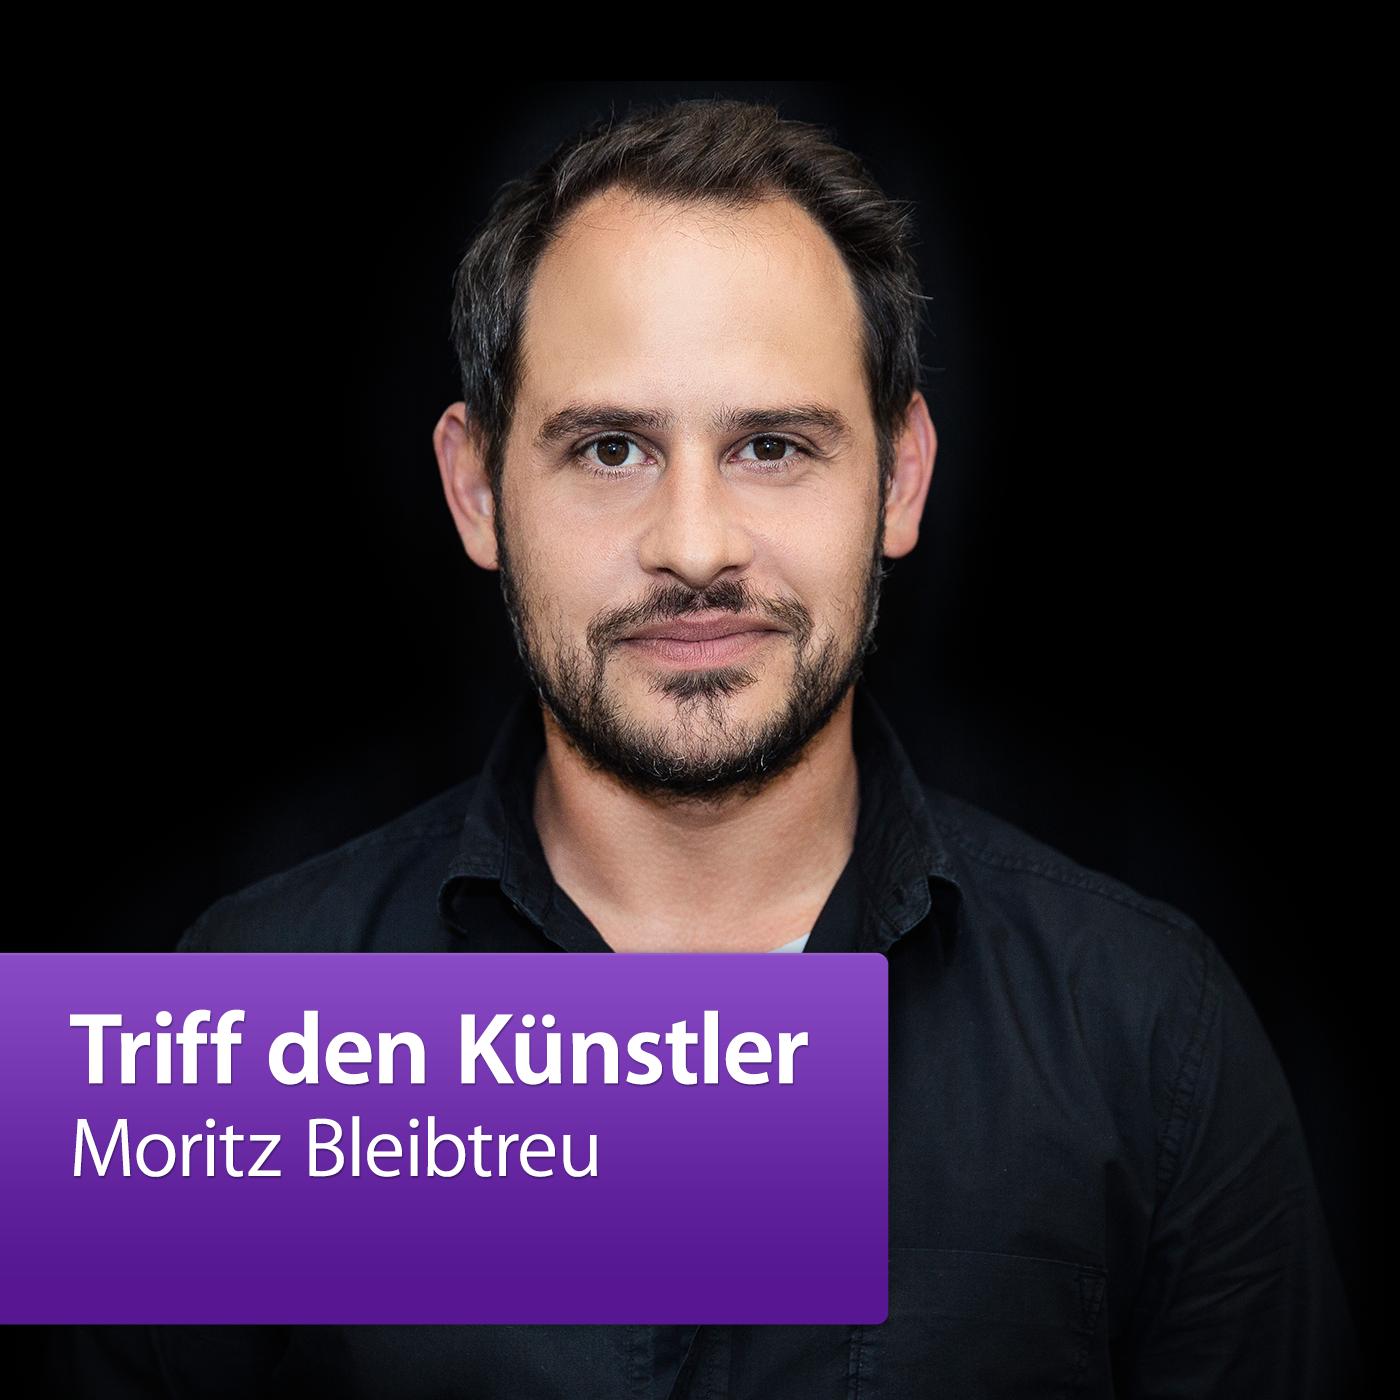 Moritz Bleibtreu: Triff den Künstler